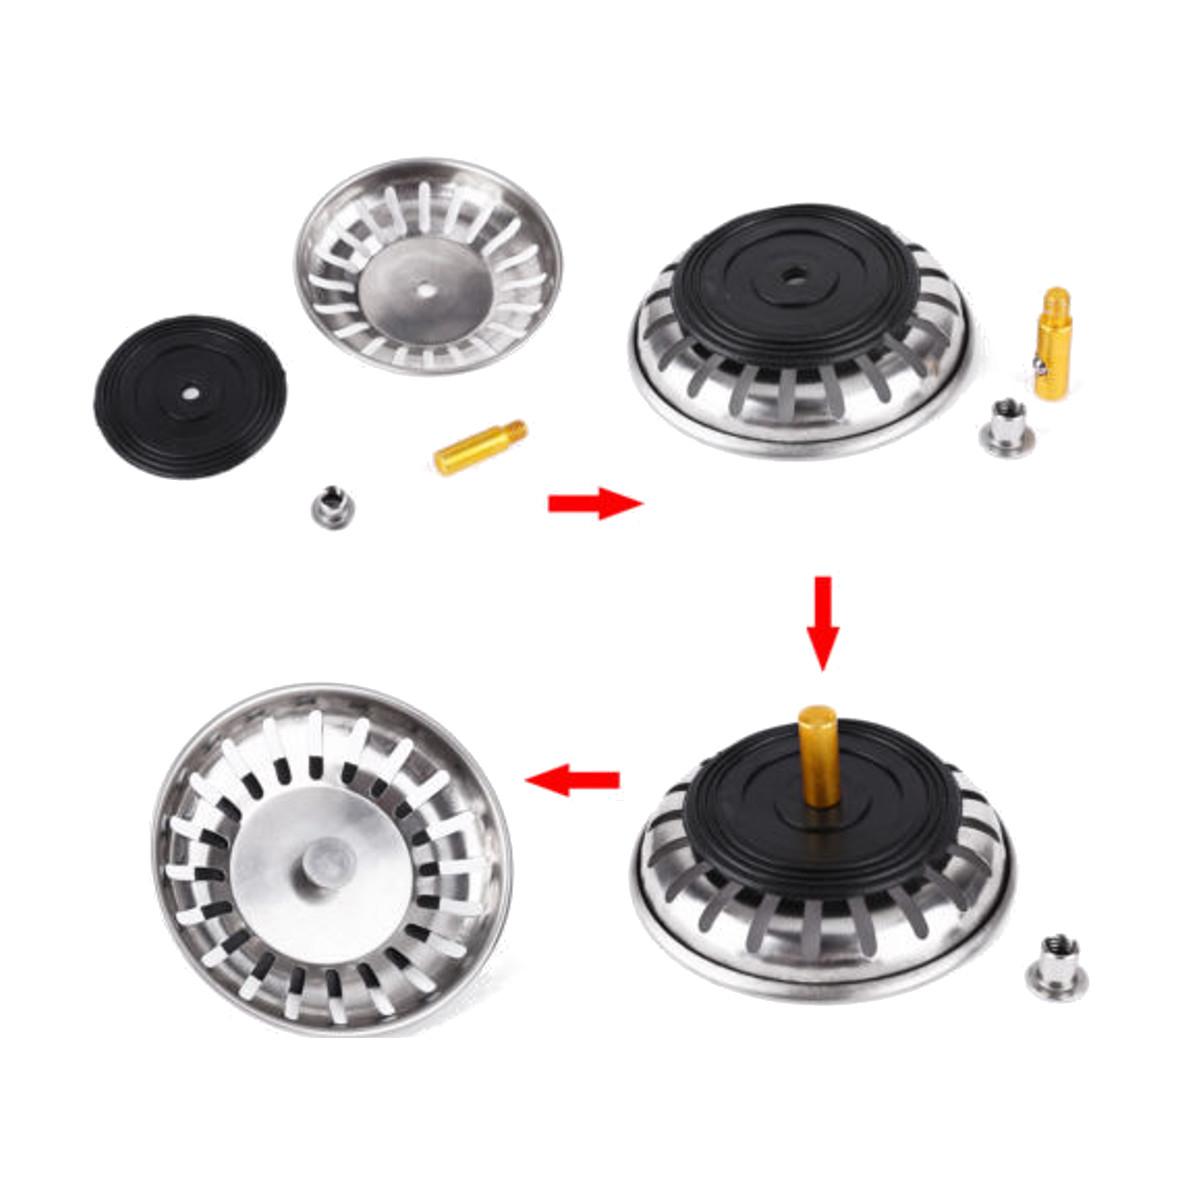 grille filtre filtrage evier plug passoire panier lavabo inox pour cuisine 83mm achat vente. Black Bedroom Furniture Sets. Home Design Ideas